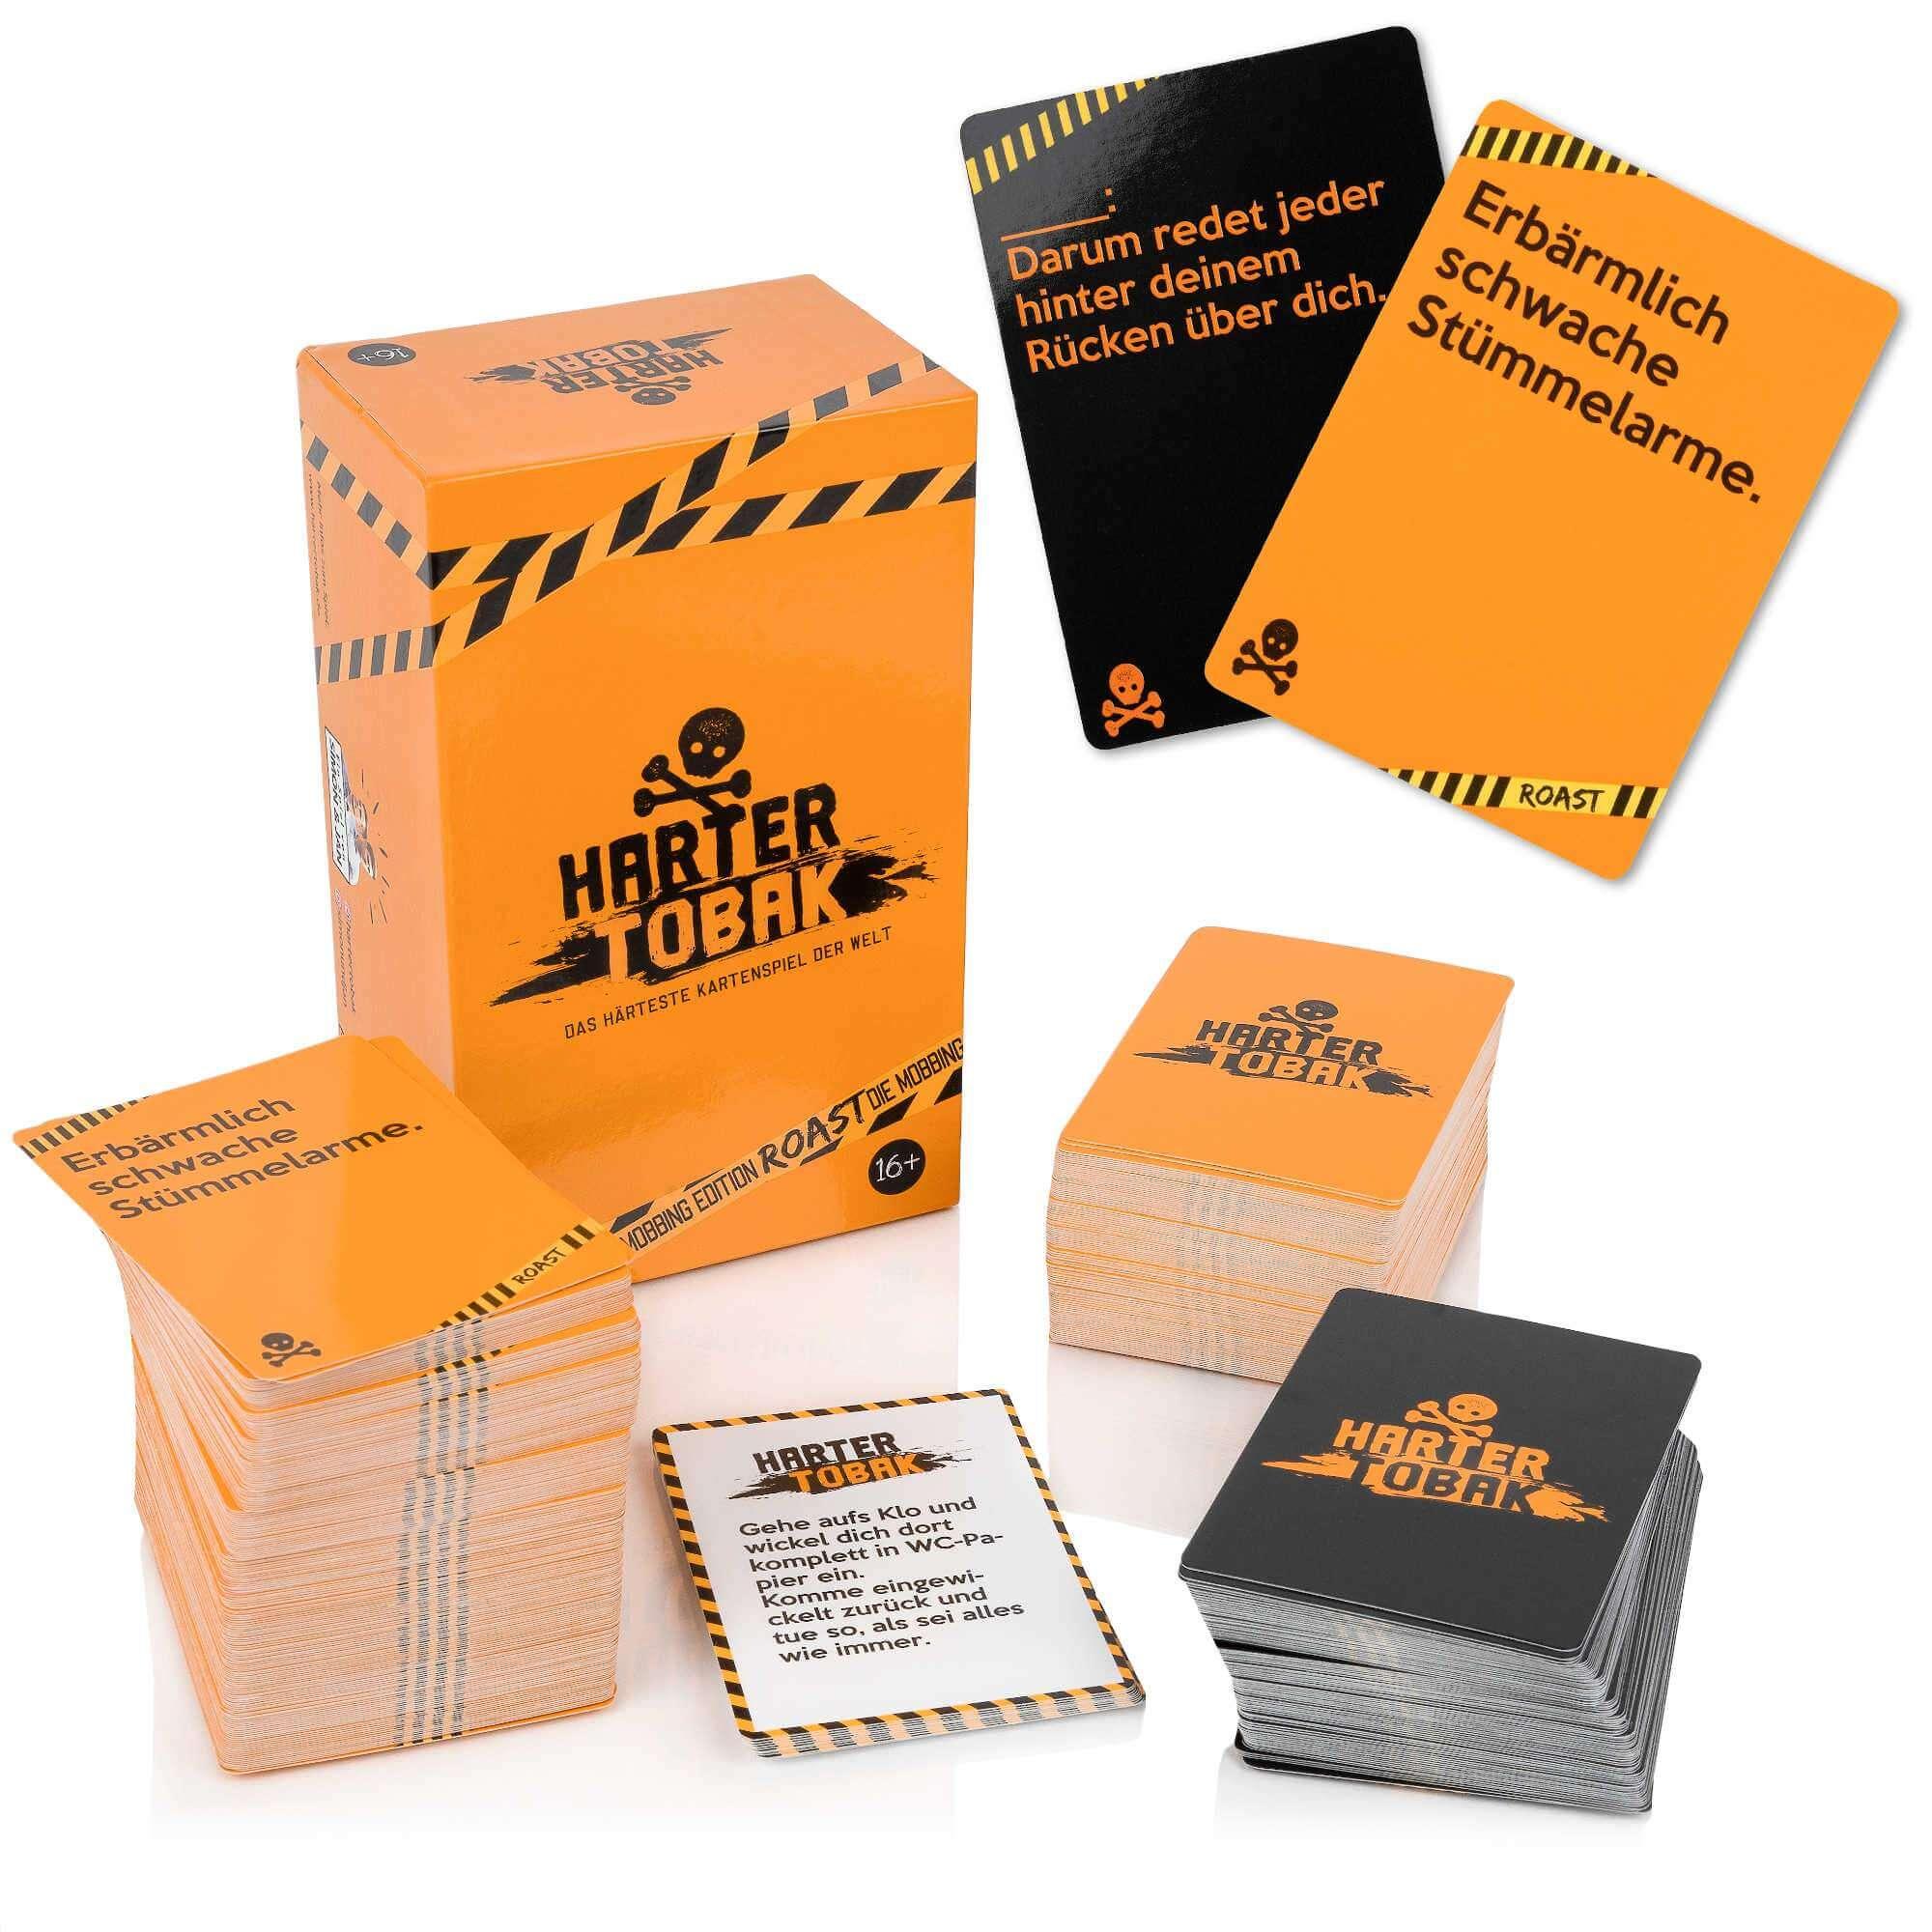 Schachtel und Spielkarten- Harter Tobak Roast - Mobbing Edition